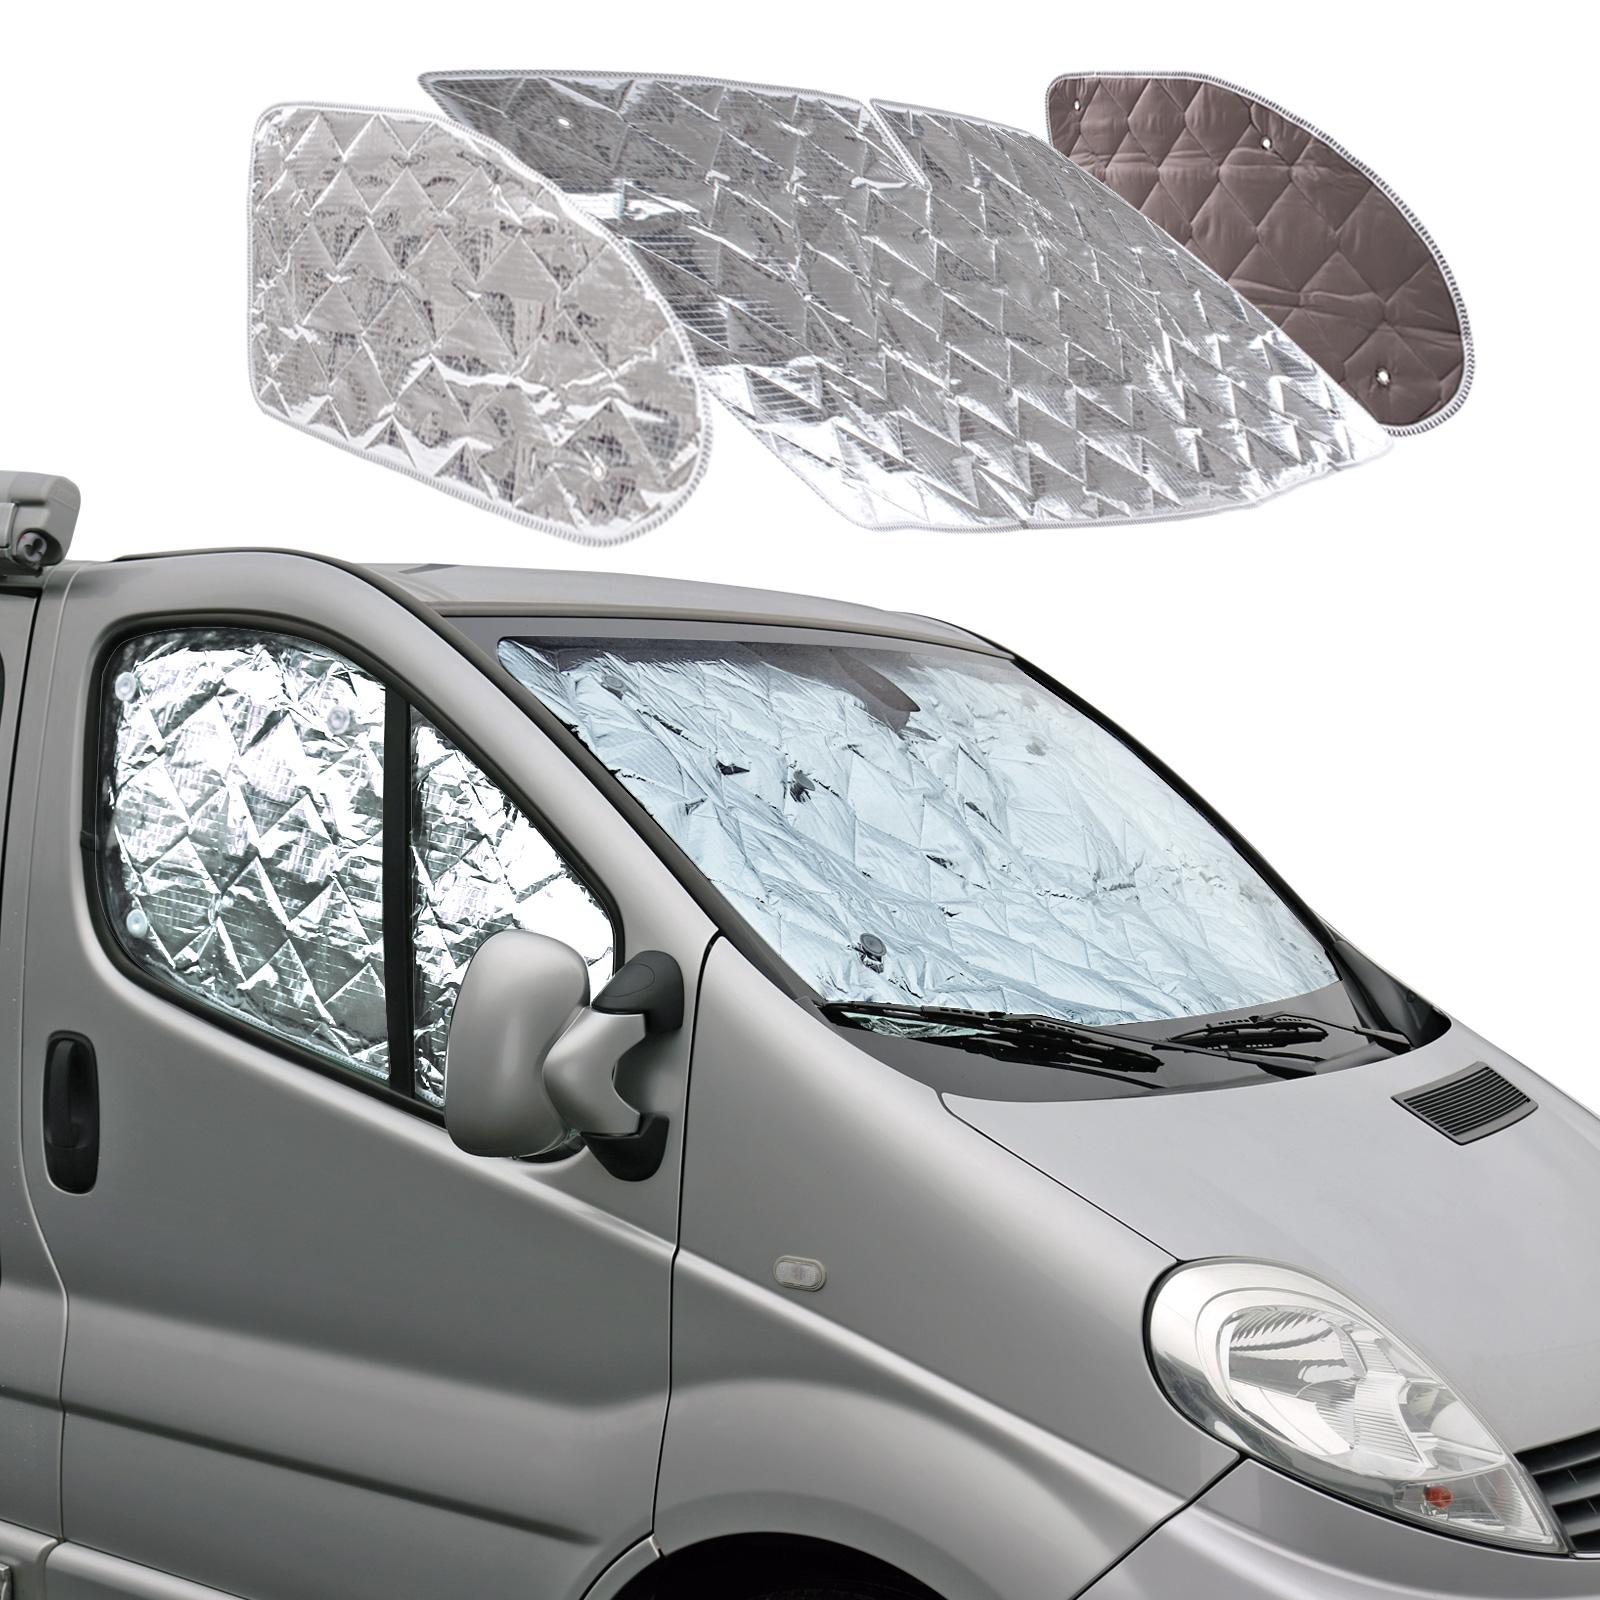 Thermomatten Set 3-tlg. ohne Heckscheibe | passend für VW T3 alle Modelle